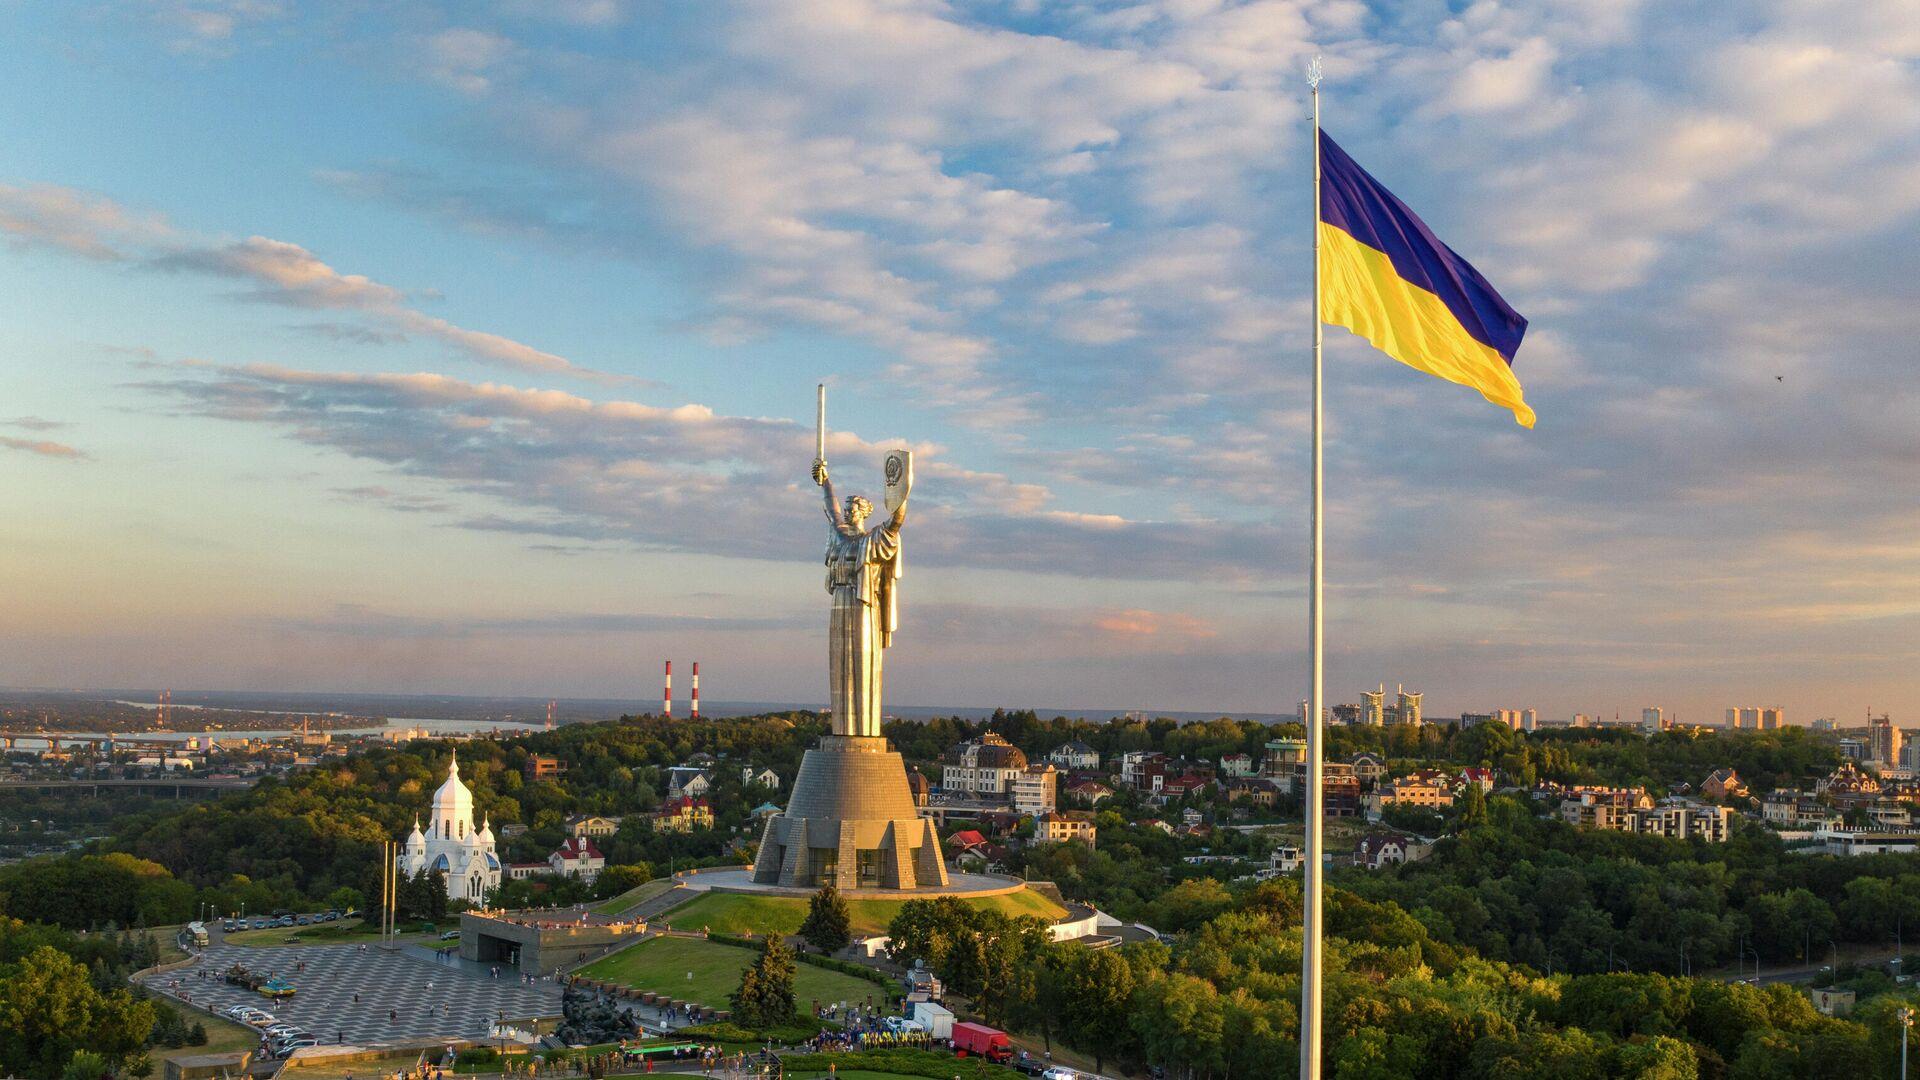 Самый большой флаг Украины в Киеве - РИА Новости, 1920, 17.07.2021